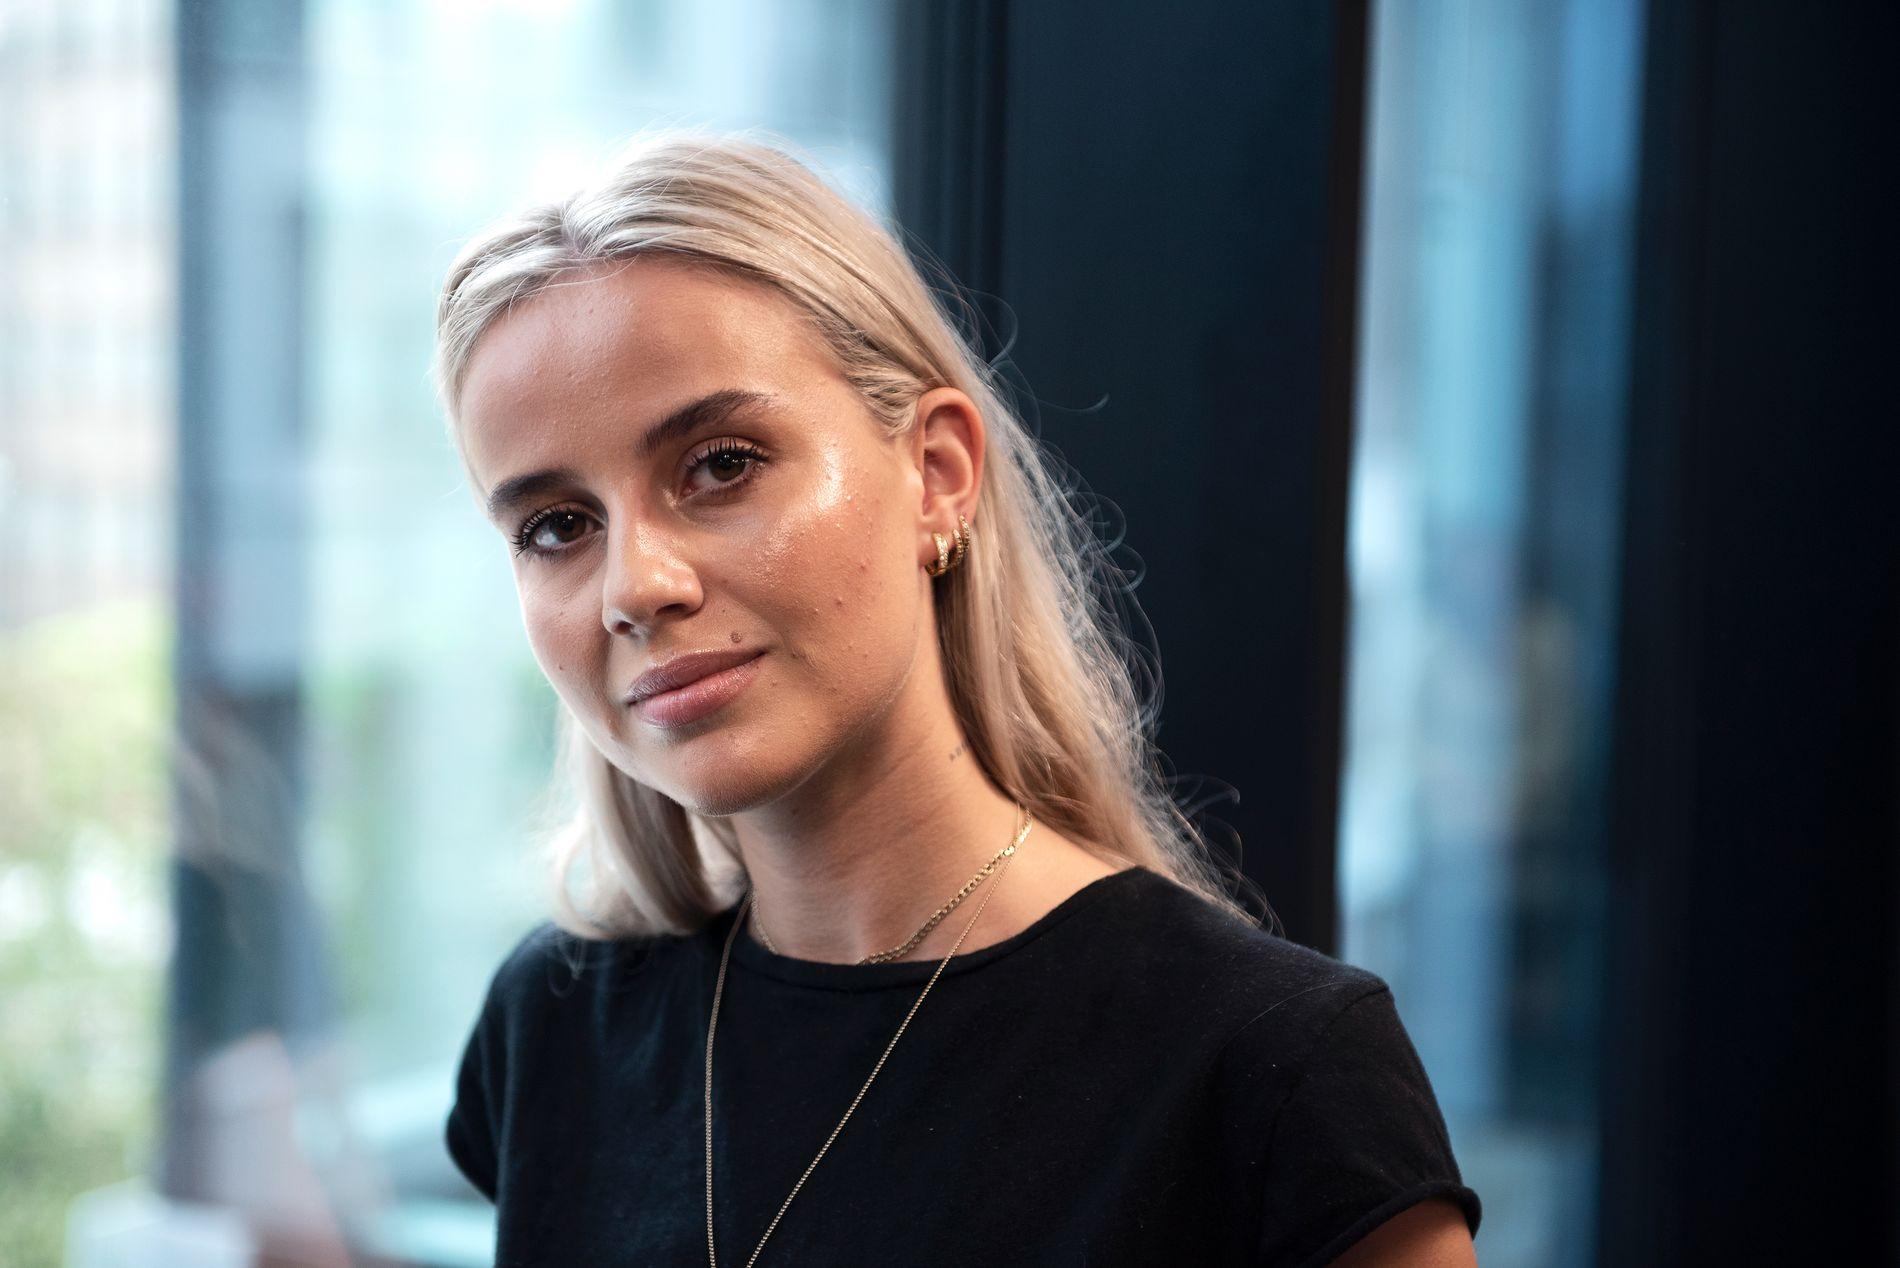 BLOGG: Anniken Jørgensen er med i årets sesong av «Bloggerne» på TV 2.